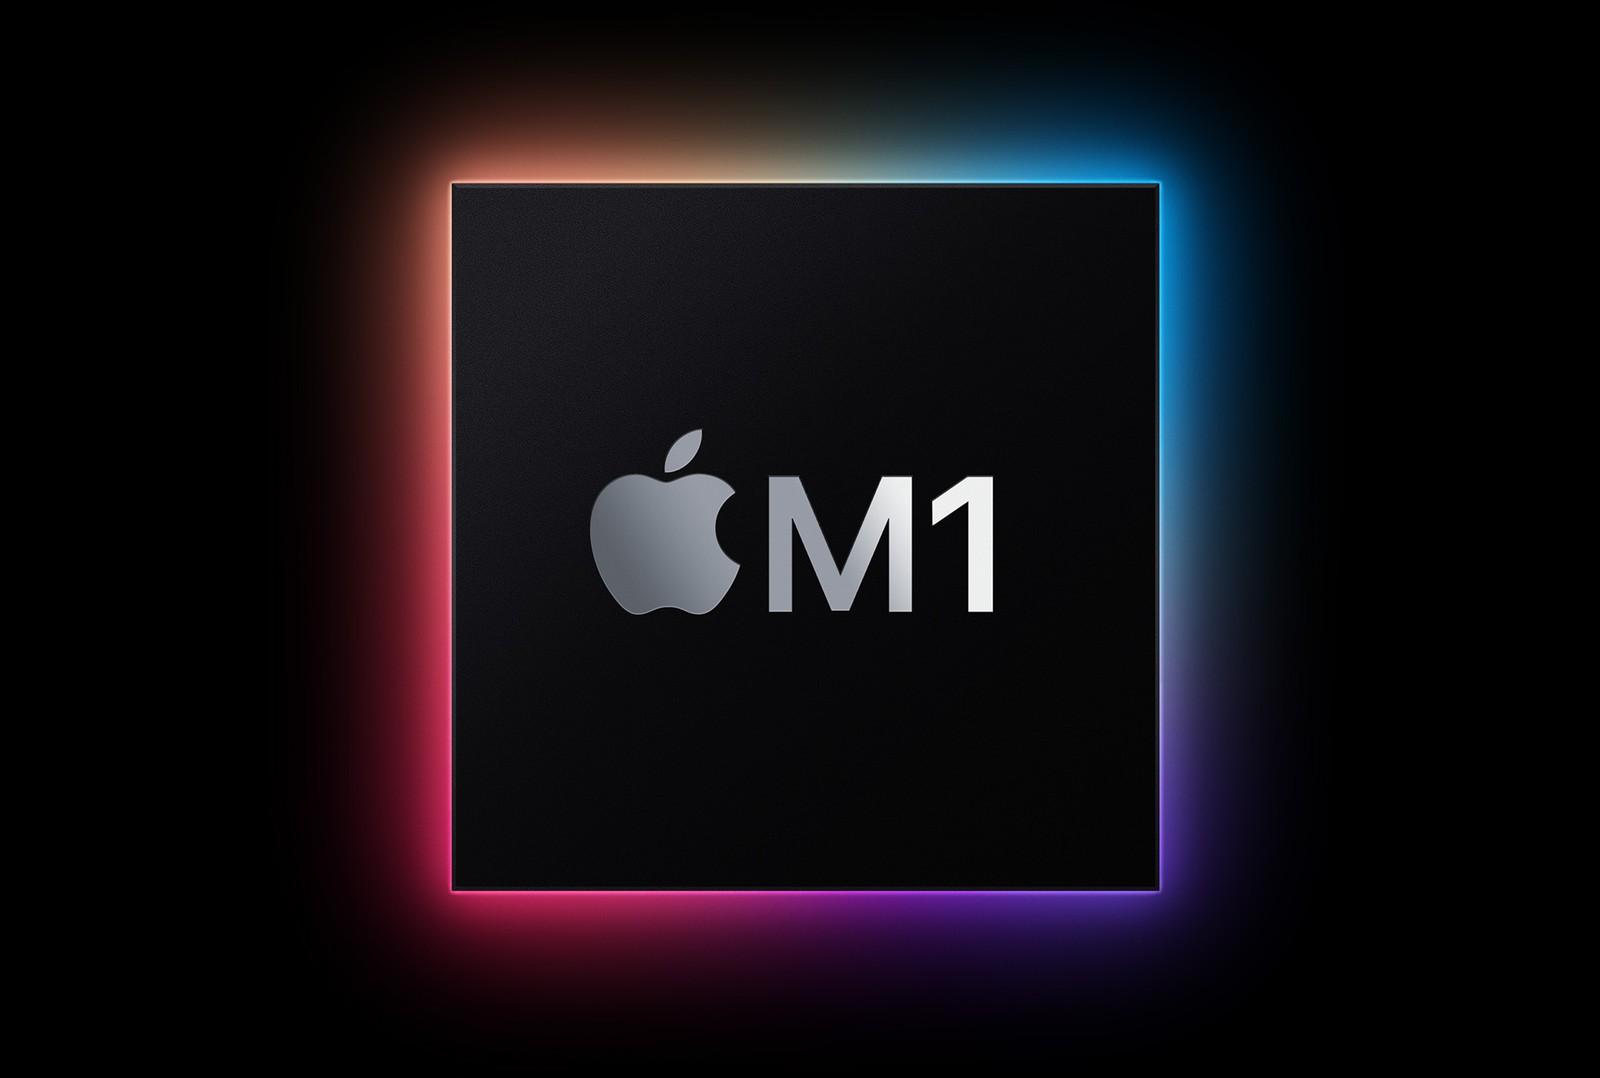 Especialistas conseguiram fazer upgrade de RAM e SSD em novo MacBook Air M1